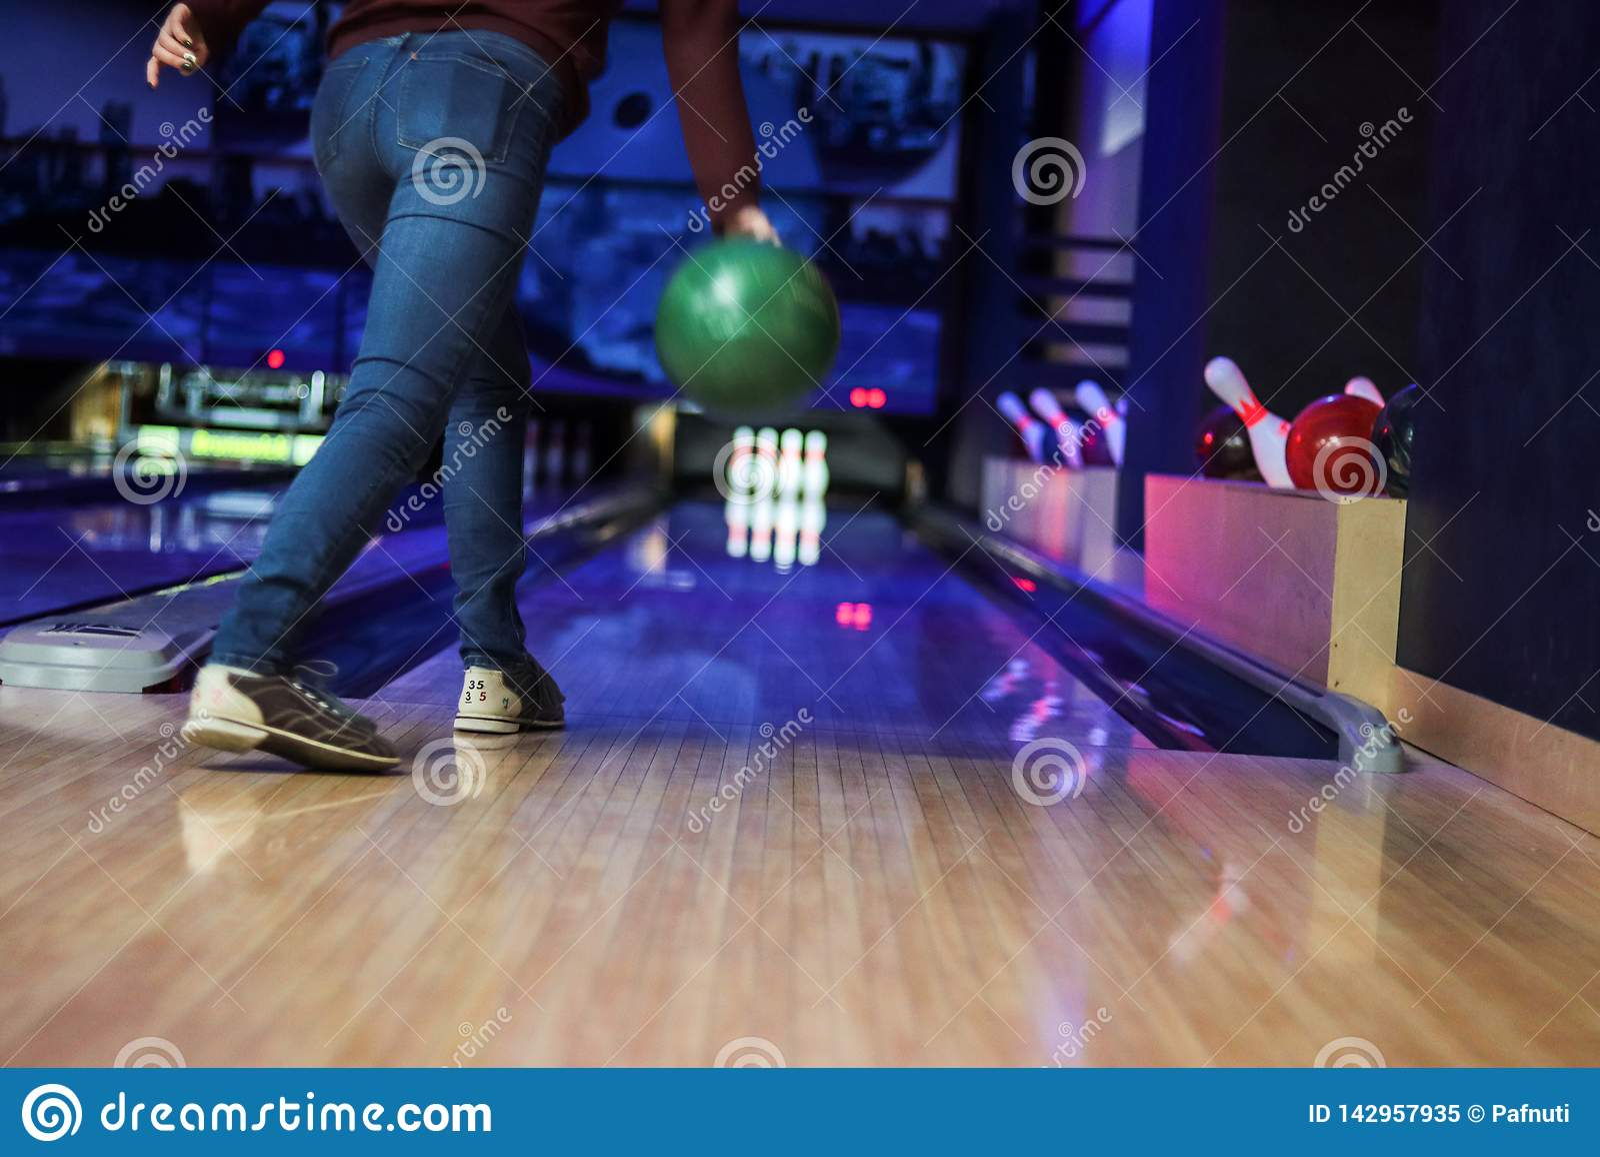 Klubban för att bowla kastar bollen